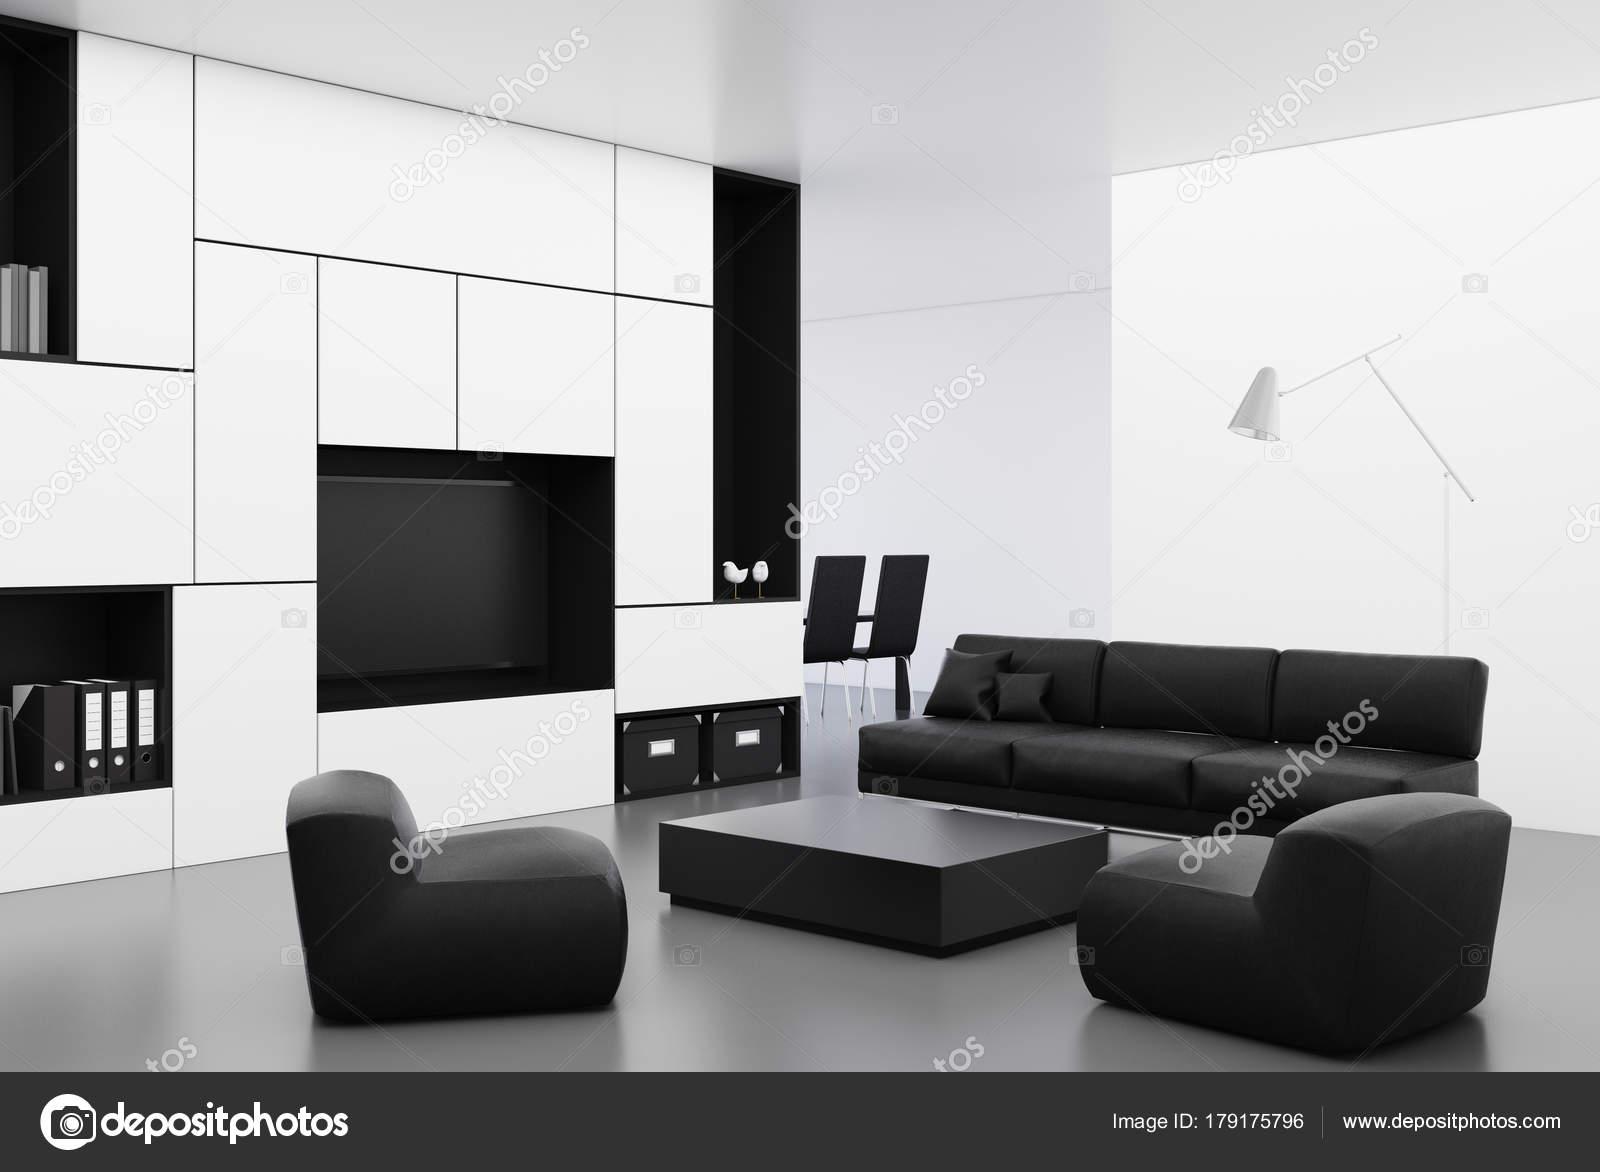 Divano Nero E Bianco : Angolo bianco soggiorno con un divano nero u foto stock